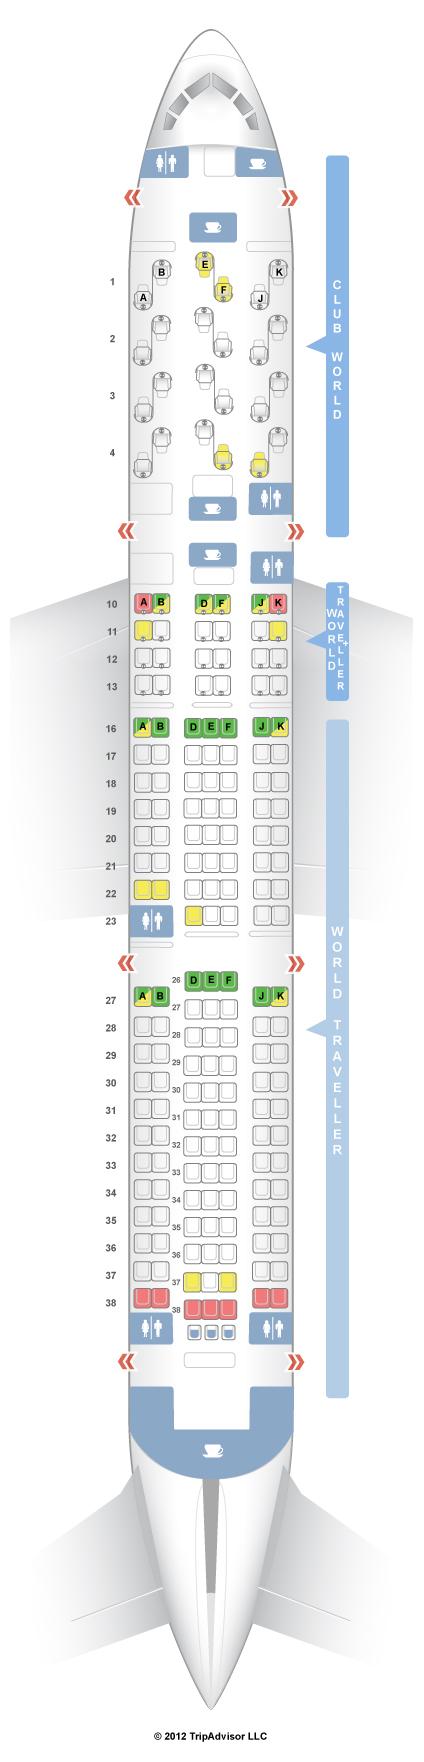 Seatguru Seat Map British Airways Boeing 767 300 763